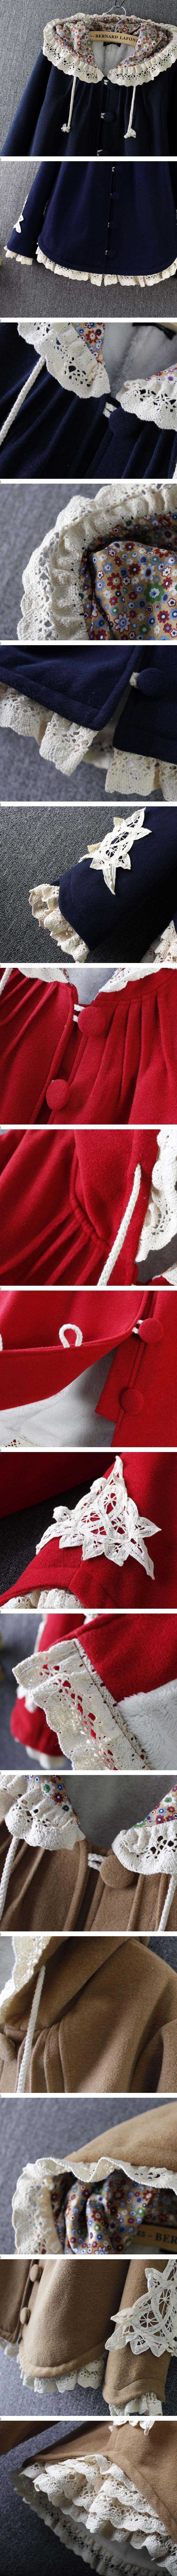 Áo khoác họa tiết ren lót bông